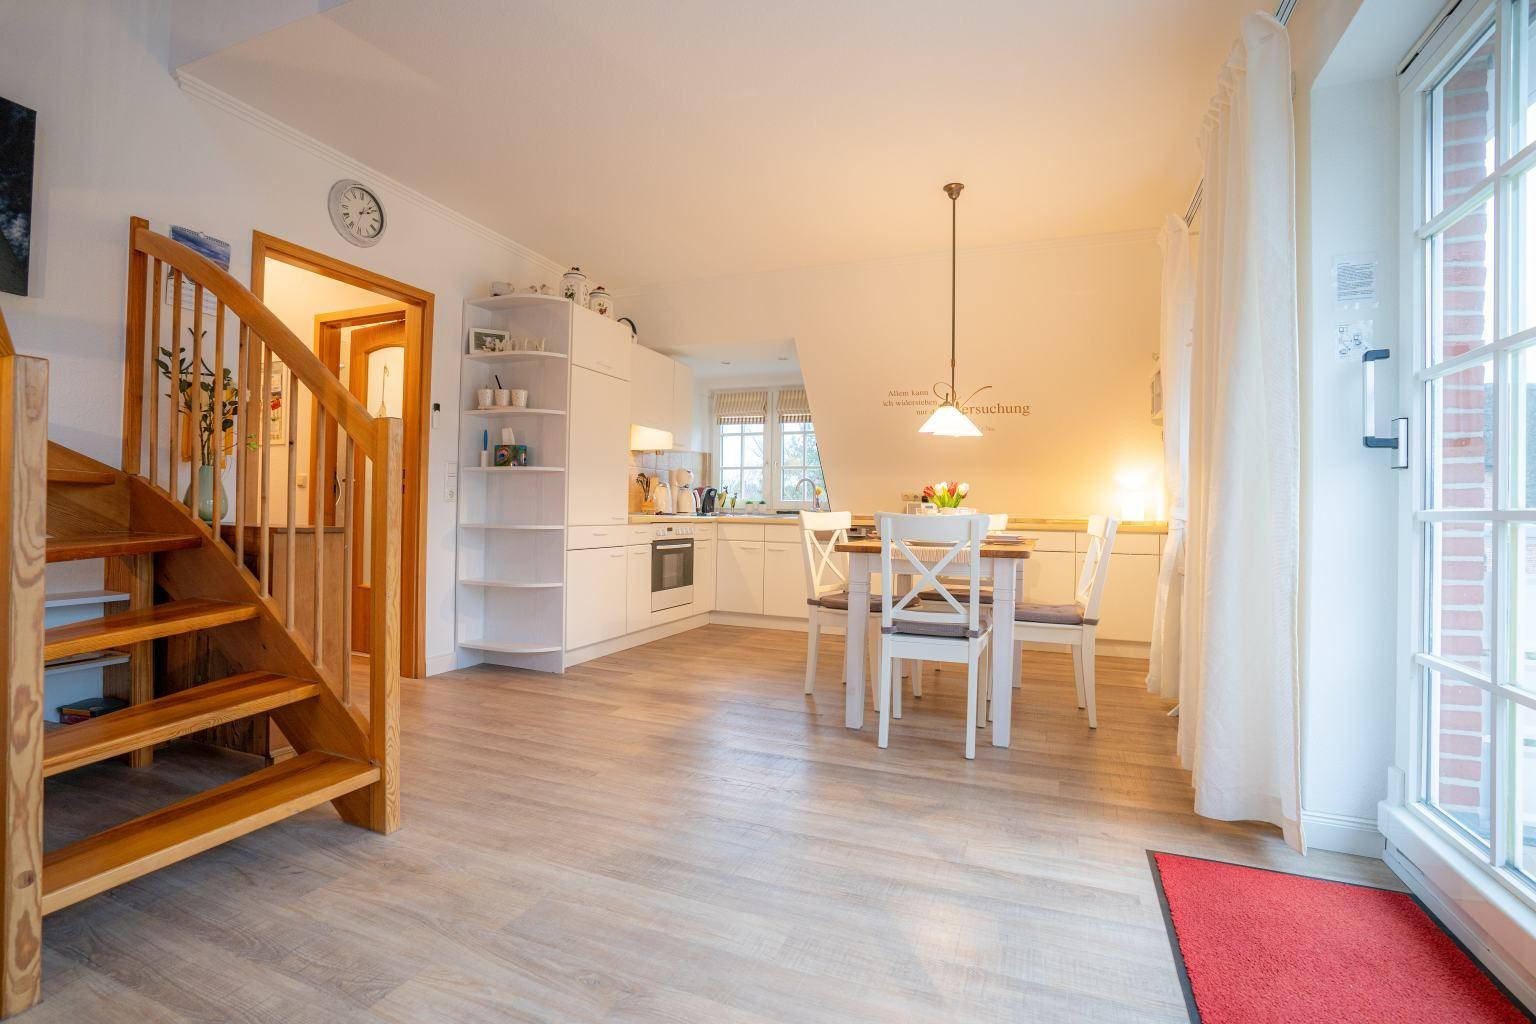 Wohnzimmer, Essbereich und Küche